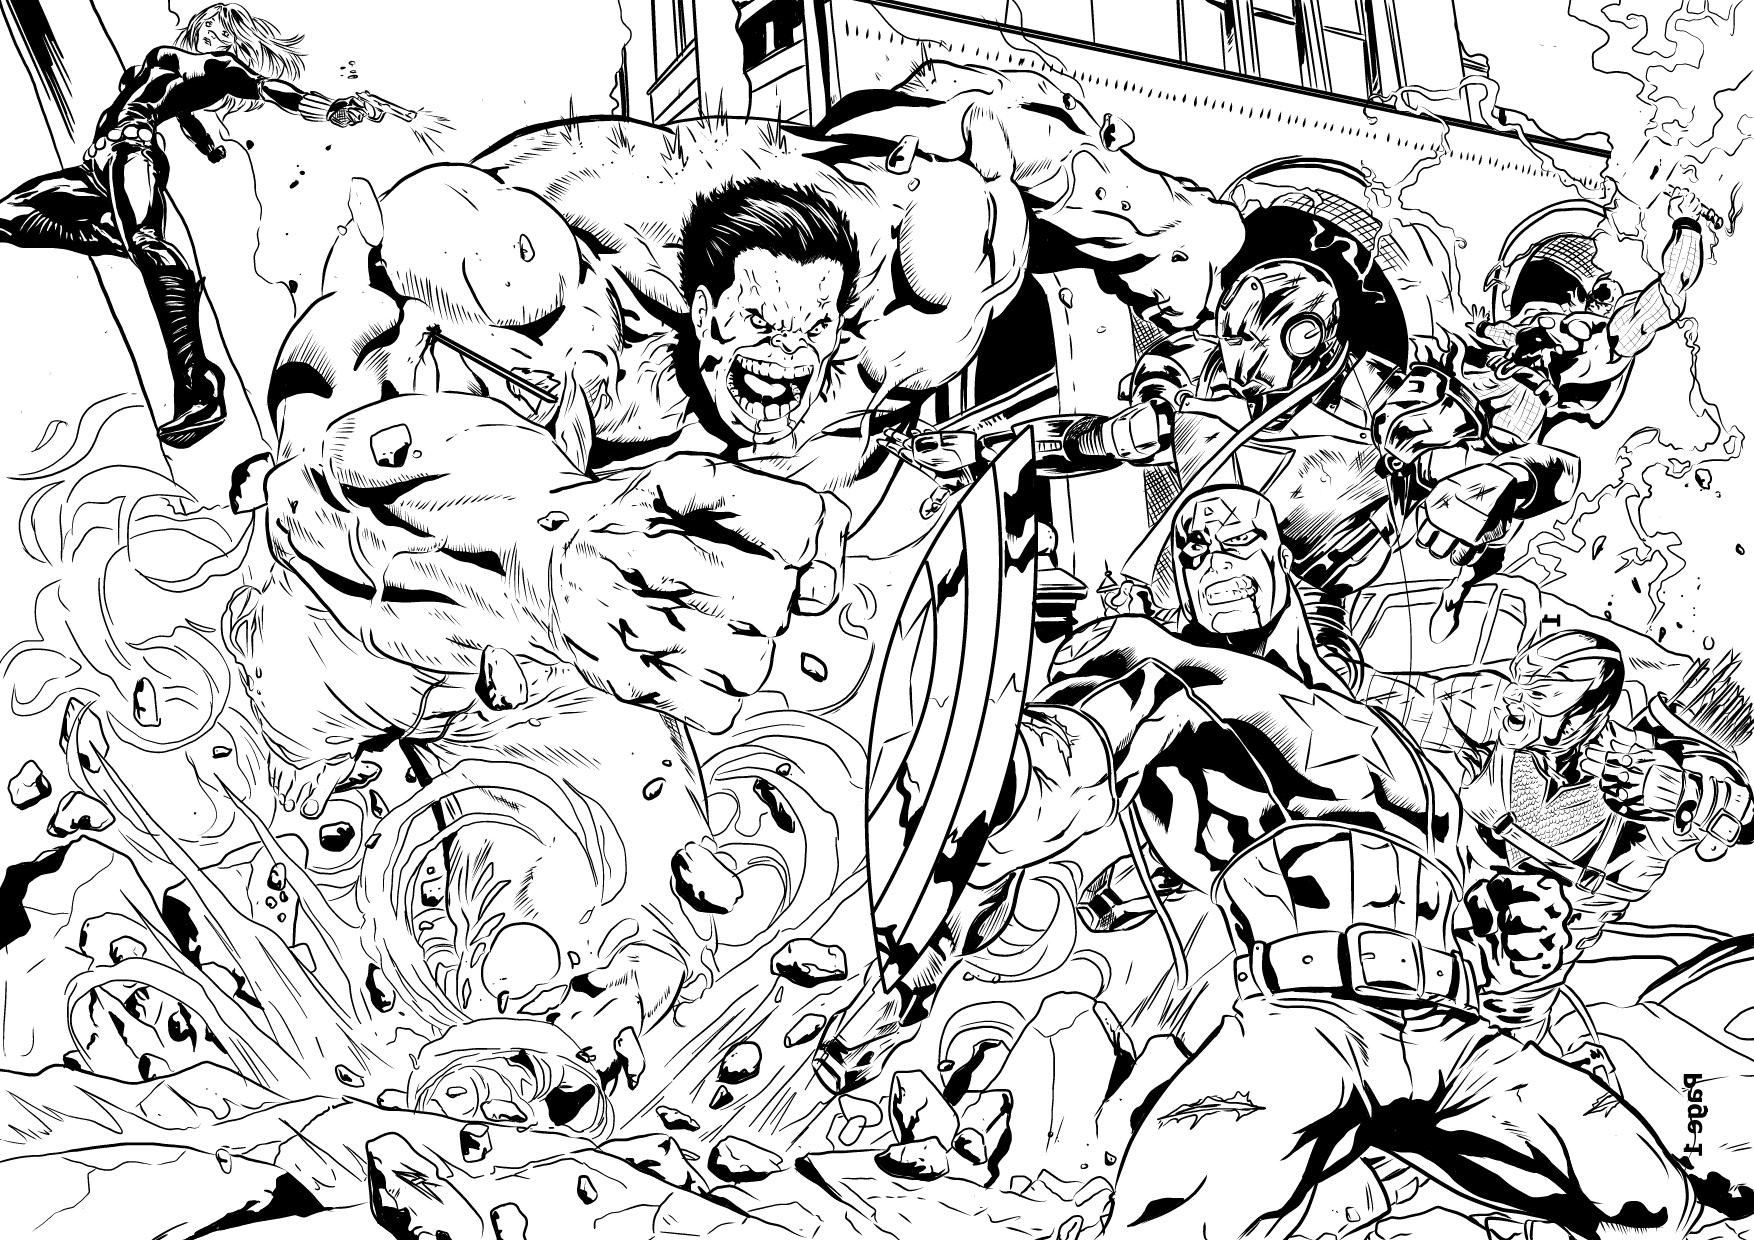 coloriages des avengers style comics - Marvel Coloriage